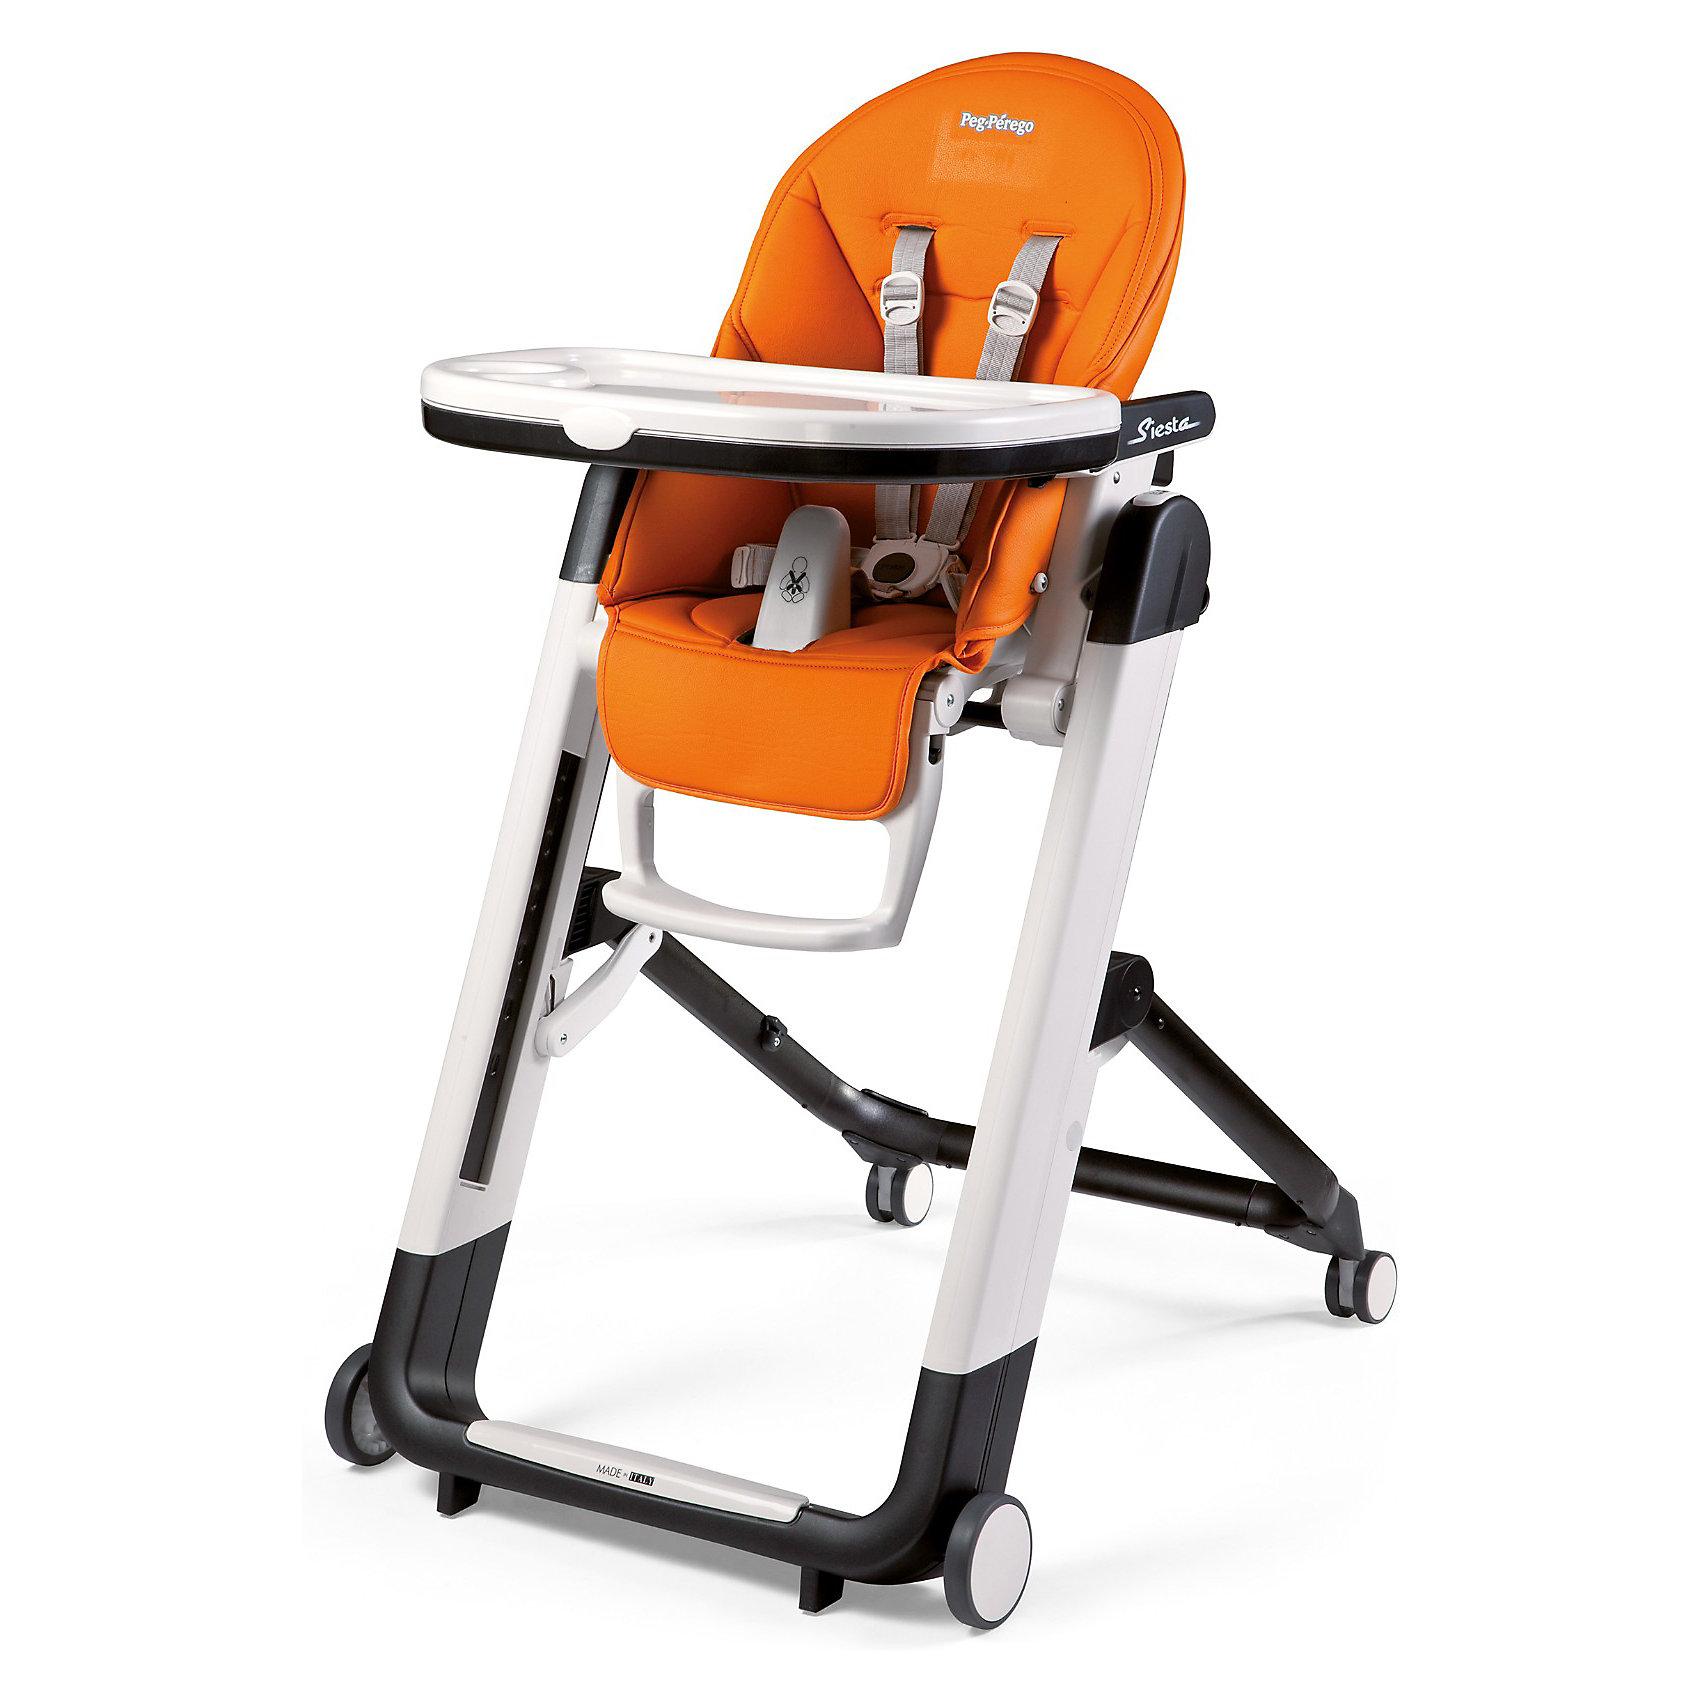 Стульчик для кормления Siesta, Peg-Perego, Orange оранжевыйХиты продаж<br>Удобный и функциональный стульчик Siesta, Peg-Perego, обеспечит комфорт и безопасность Вашего малыша во время кормления. Спинка сиденья легко регулируется в 5 положениях (вплоть до горизонтального), что позволяет использовать стульчик как для кормления так и для игр и<br>сна. Широкое и эргономичное мягкое сиденье будет удобно как малышу, так и ребенку постарше. Стульчик оснащен регулируемыми 5-точечными ремнями безопасности, а планка-разделитель для ножек под столиком не даст малышу соскользнуть. Высота стула регулируется в 9<br>положениях (от 33 до 65 см. от пола). Подножка регулируется в 3 позициях, позволяя выбрать оптимальное для ребенка положение. На задней части спинки размещается сетка для мелочей.<br><br>Широкий съемный столик оснащен подносом с отделениями для кружки или стакана, поднос можно снять для быстрой чистки и использовать основную поверхность для игр и занятий. Для детей постарше стул можно использовать без столика для кормления, придвинув его к столу<br>для взрослых. Ножки оснащены колесиками с блокираторами, что позволяет легко перемещать стульчик по комнате. Кожаный чехол легко снимается для чистки. Стульчик легко и компактно складывается и занимает мало места при хранении. Подходит для детей в возрасте от 0<br>месяцев до 3 лет.<br><br>Дополнительная информация:<br><br>- Цвет: Orange оранжевый.<br>- Материал: пластик, эко-кожа.<br>- Высота спинки сиденья: 44 см.<br>- Ширина сиденья: 27 см.<br>- Размер в разложенном состоянии: 60 х 75 х 104,5 см. <br>- Размер в сложенном состоянии: 60 х 35 х 89 cм. <br>- Вес: 7,6 кг.<br><br>Стульчик для кормления Siesta, Peg-Perego, Orange оранжевый, можно купить в нашем интернет-магазине.<br><br>Ширина мм: 900<br>Глубина мм: 620<br>Высота мм: 290<br>Вес г: 12400<br>Возраст от месяцев: 0<br>Возраст до месяцев: 36<br>Пол: Унисекс<br>Возраст: Детский<br>SKU: 3537393